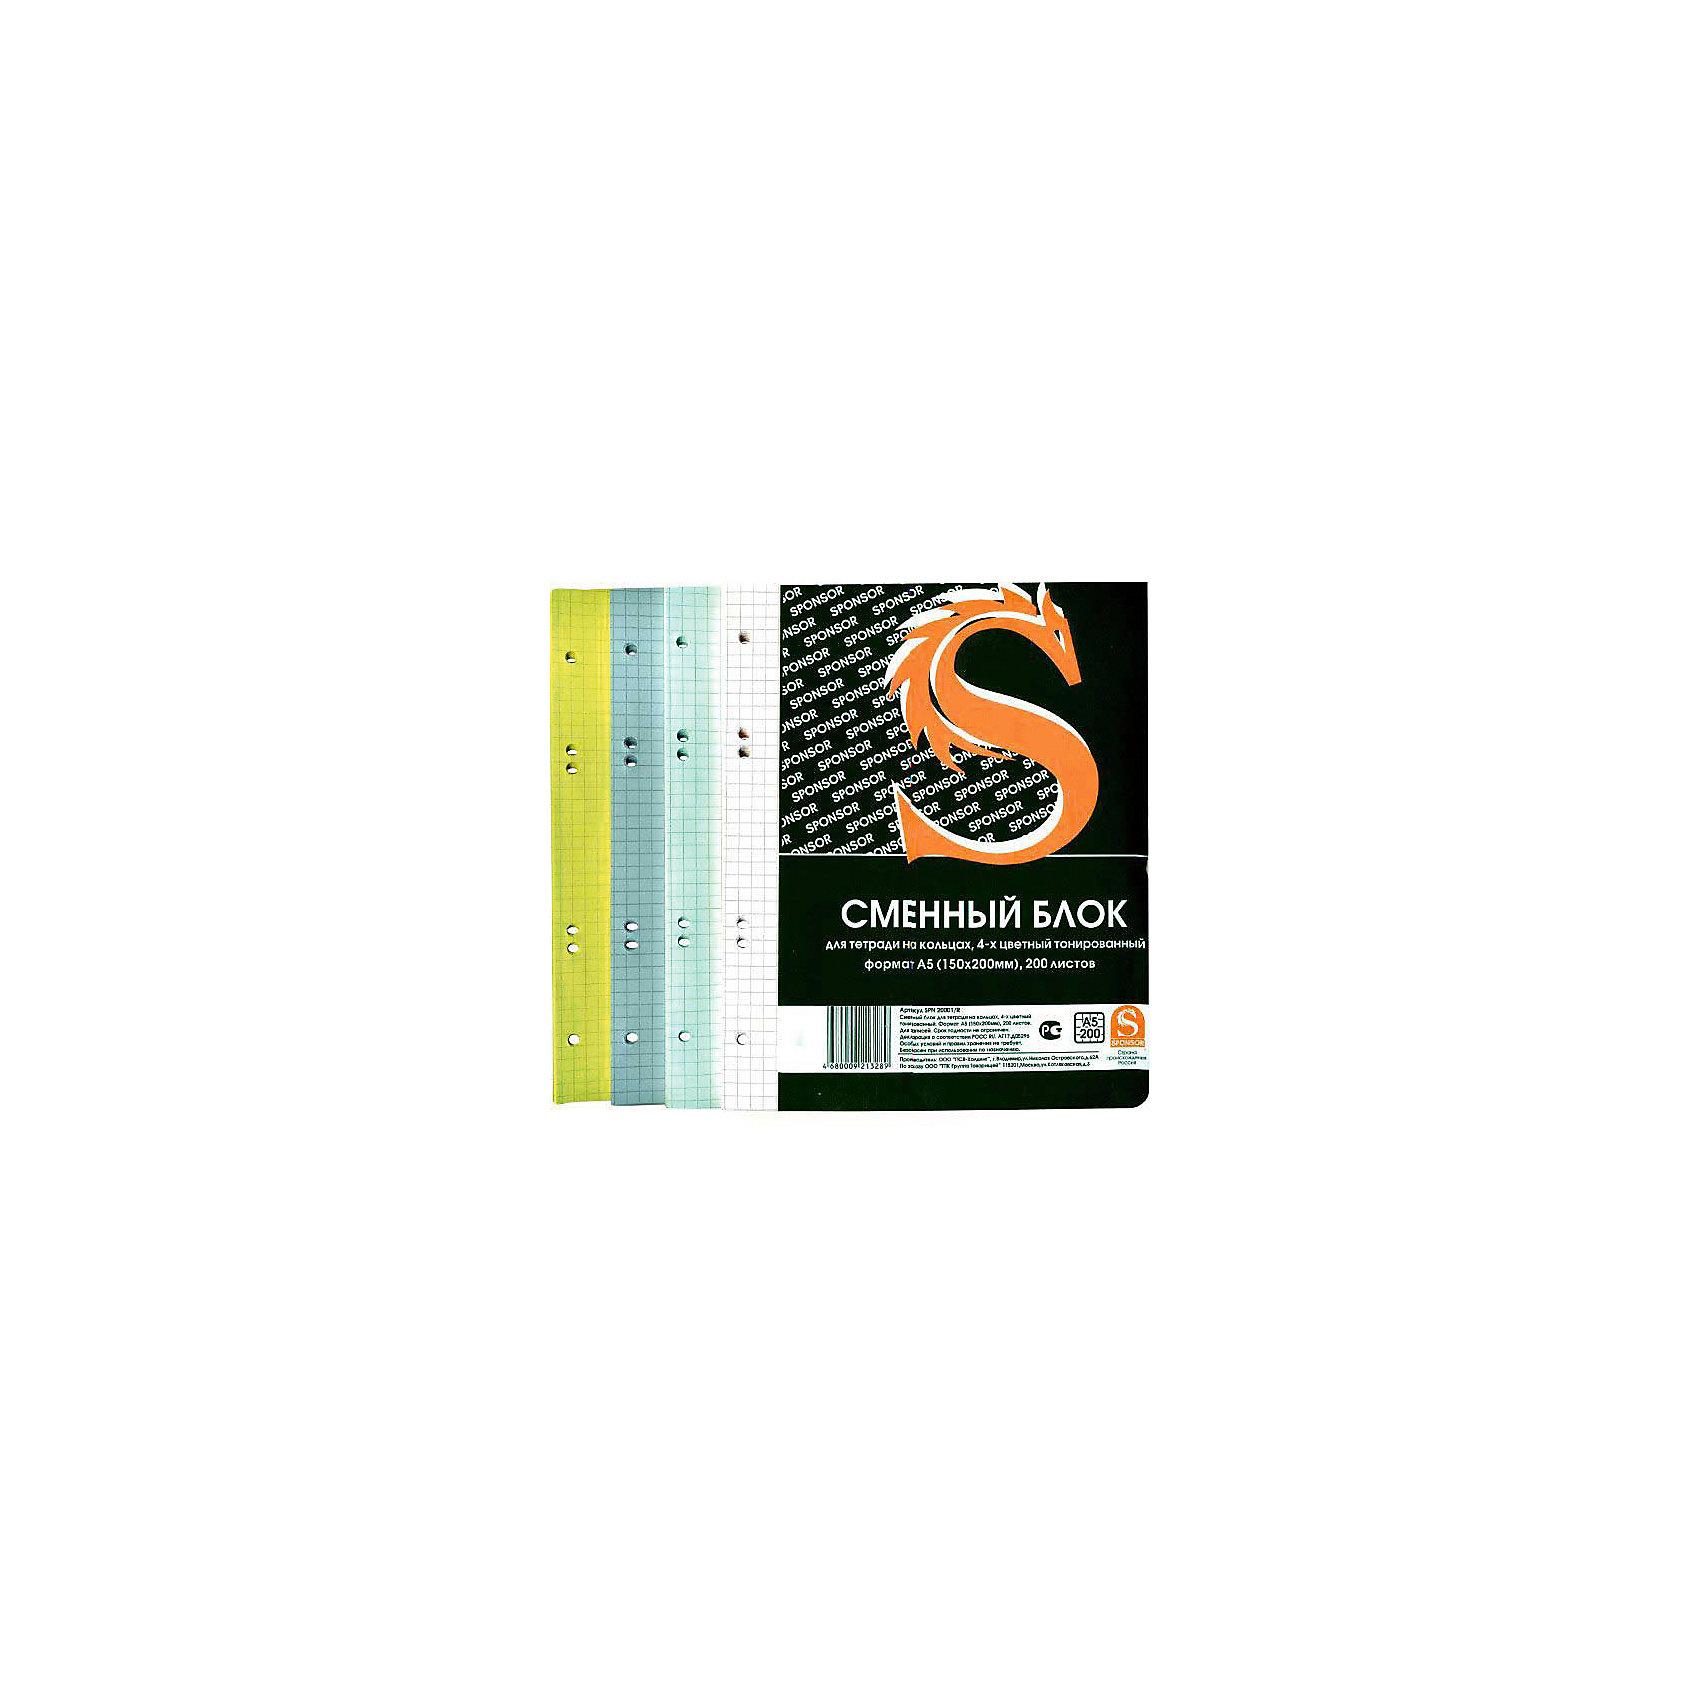 SPONSOR Сменный блок для тетрадей на кольцахБумажная продукция<br>Офсетная бумага плотностью 60 г/м2. Формат А5. Клетка. 4 цвета, 200 листов<br><br>Ширина мм: 210<br>Глубина мм: 150<br>Высота мм: 20<br>Вес г: 382<br>Возраст от месяцев: 36<br>Возраст до месяцев: 168<br>Пол: Унисекс<br>Возраст: Детский<br>SKU: 6888748